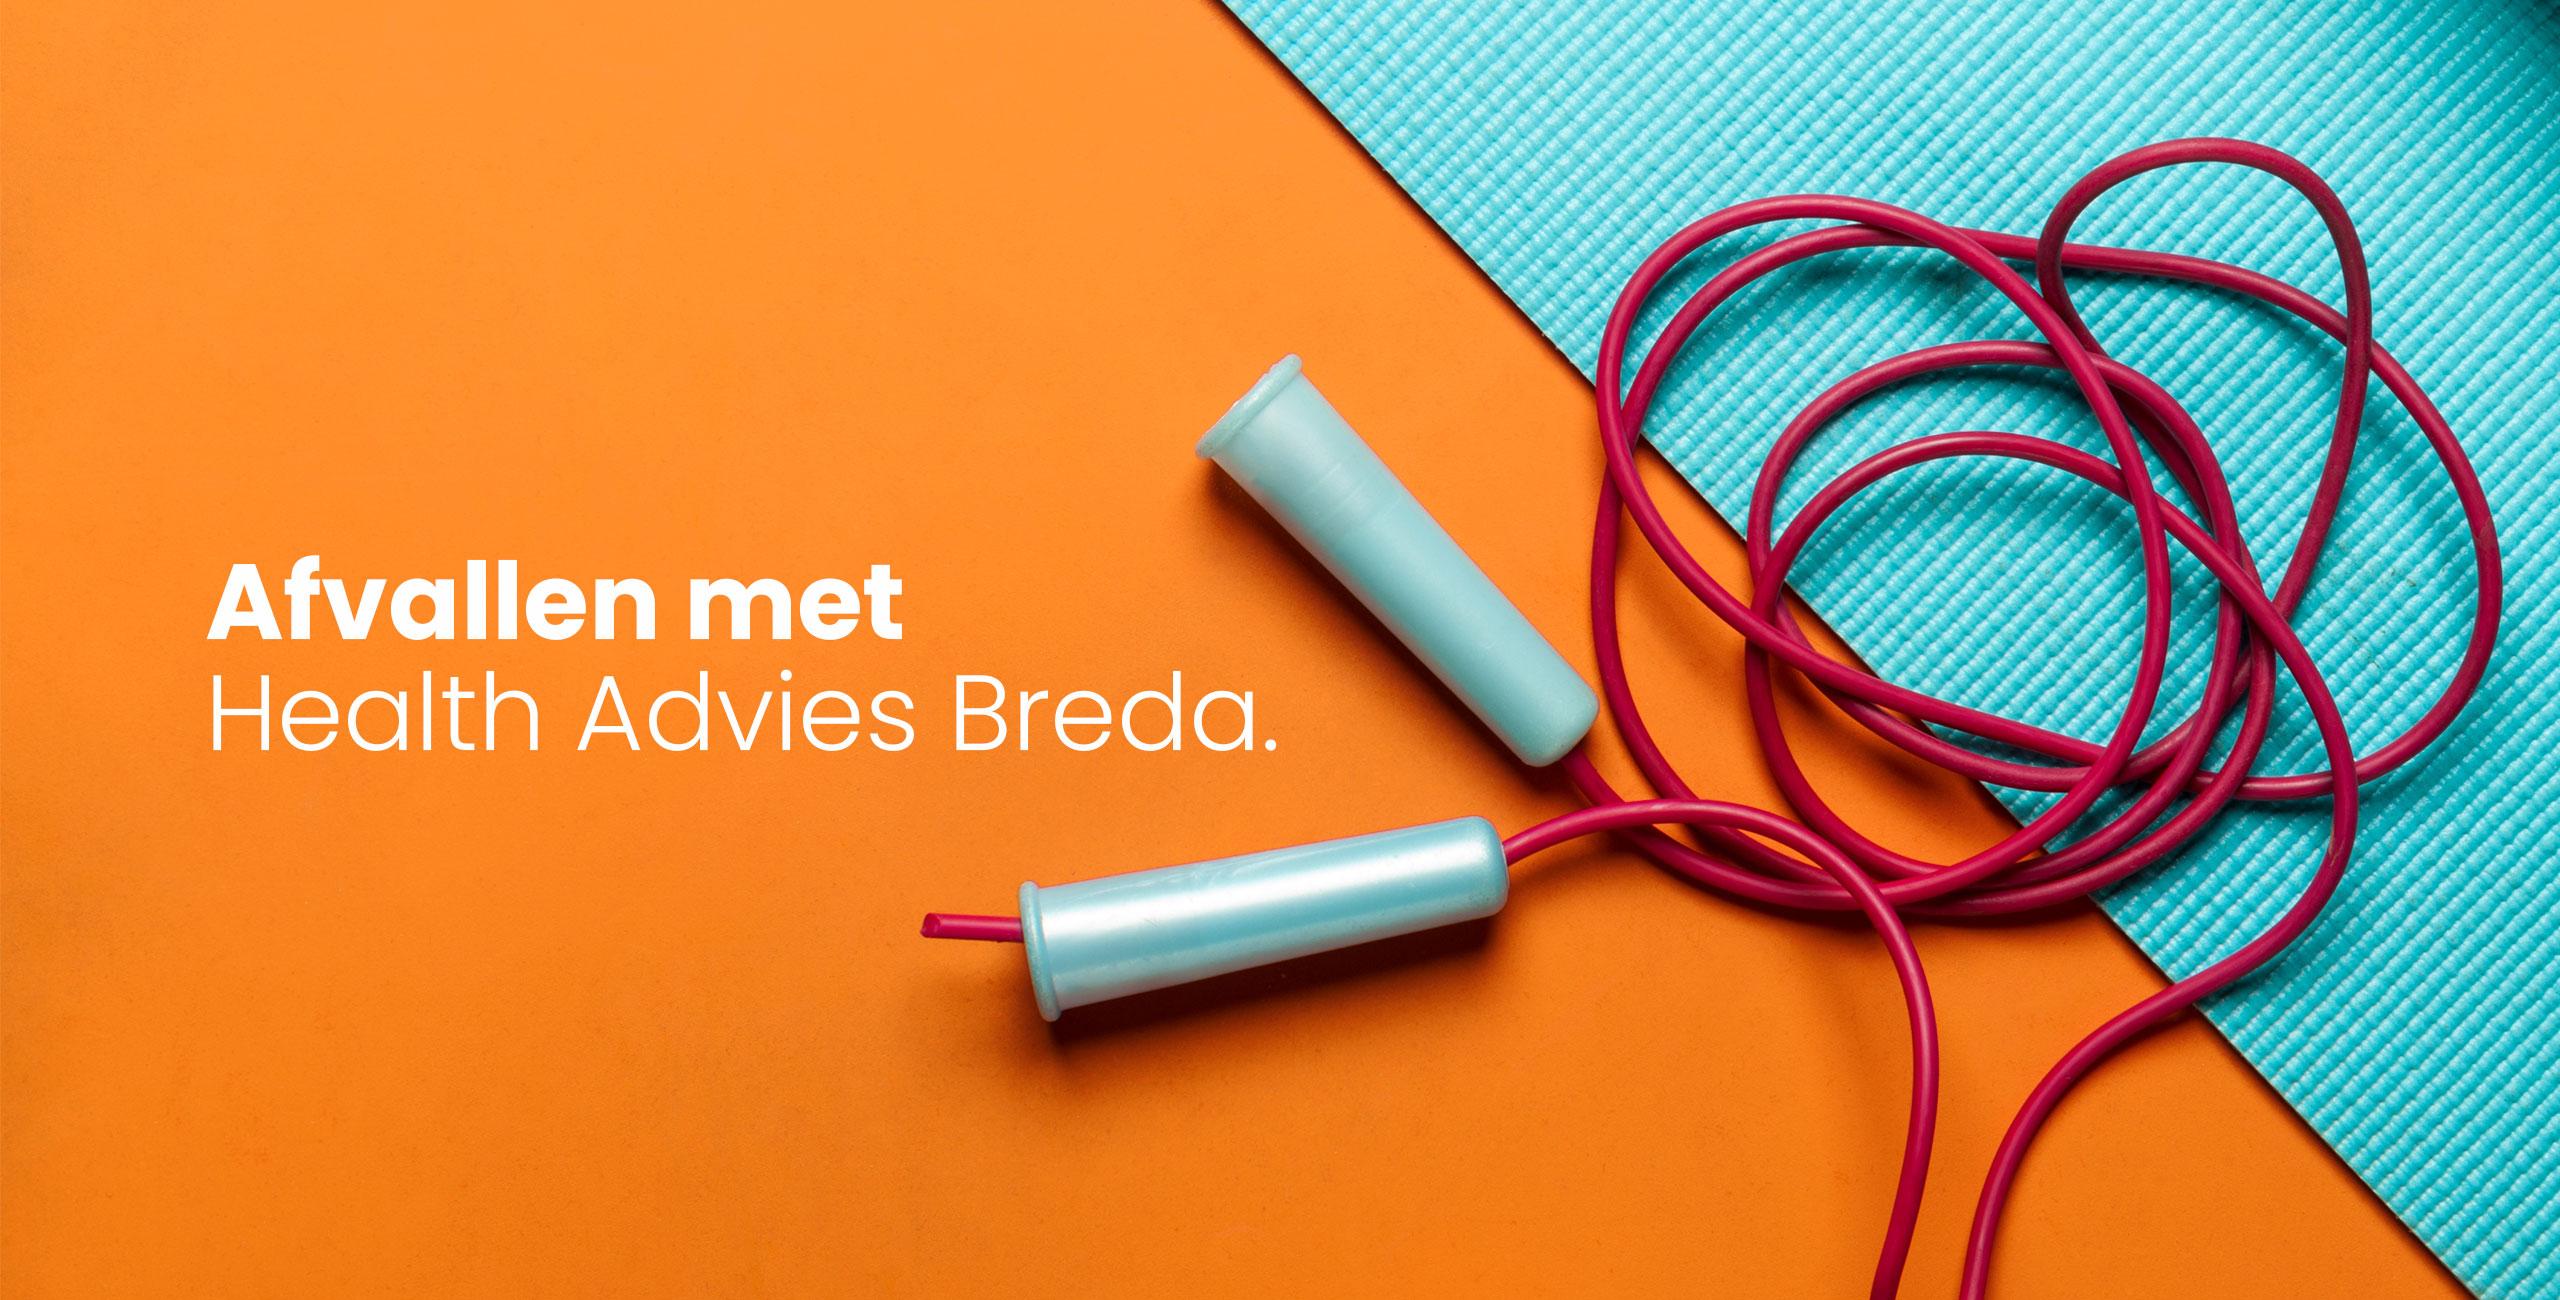 Afvallen met Health Advies Breda